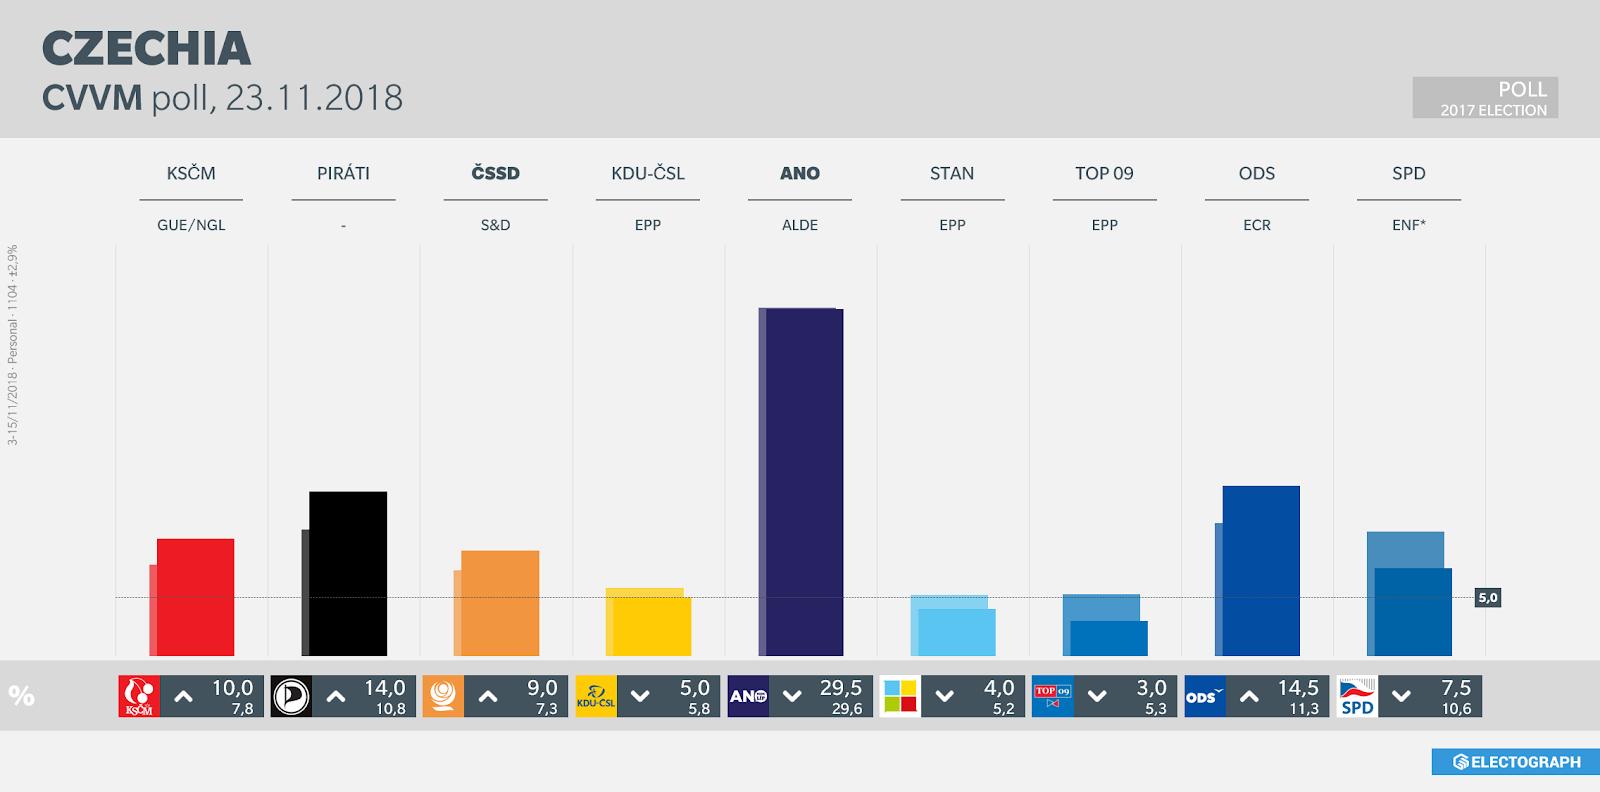 CZECHIA: CVVM poll chart, 23 November 2018